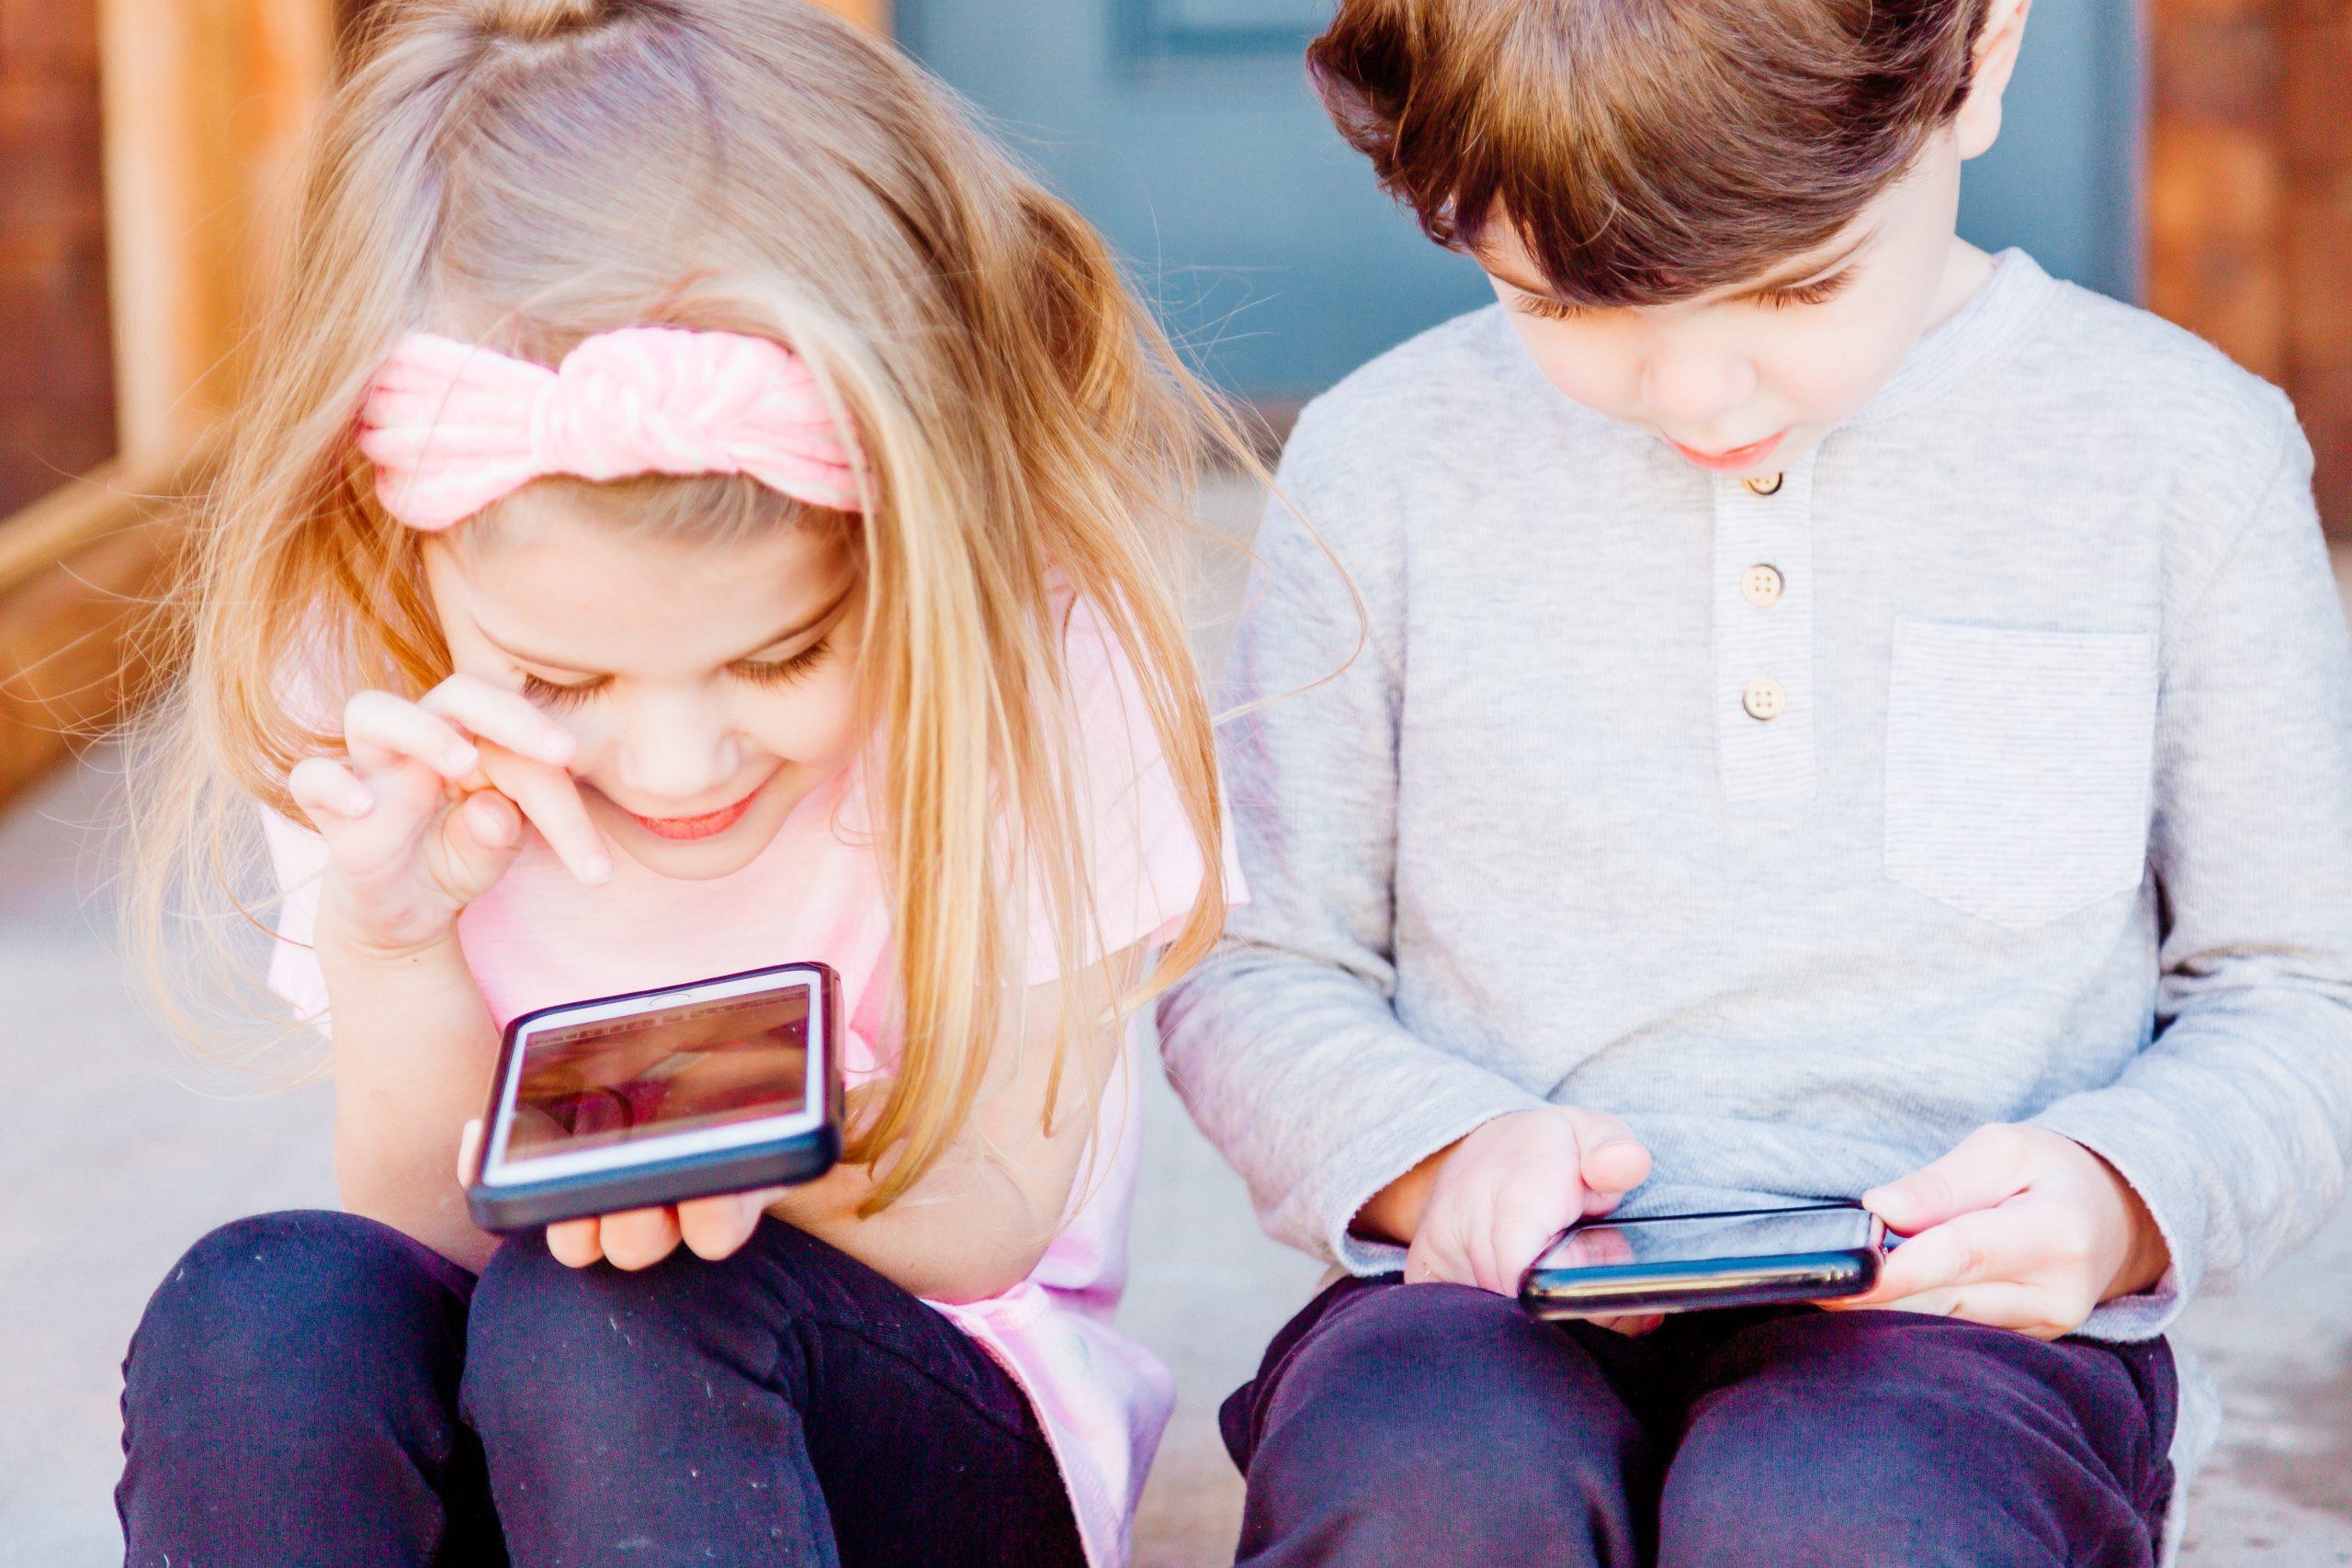 wanneer kind oud genoeg voor mobiele telefoon